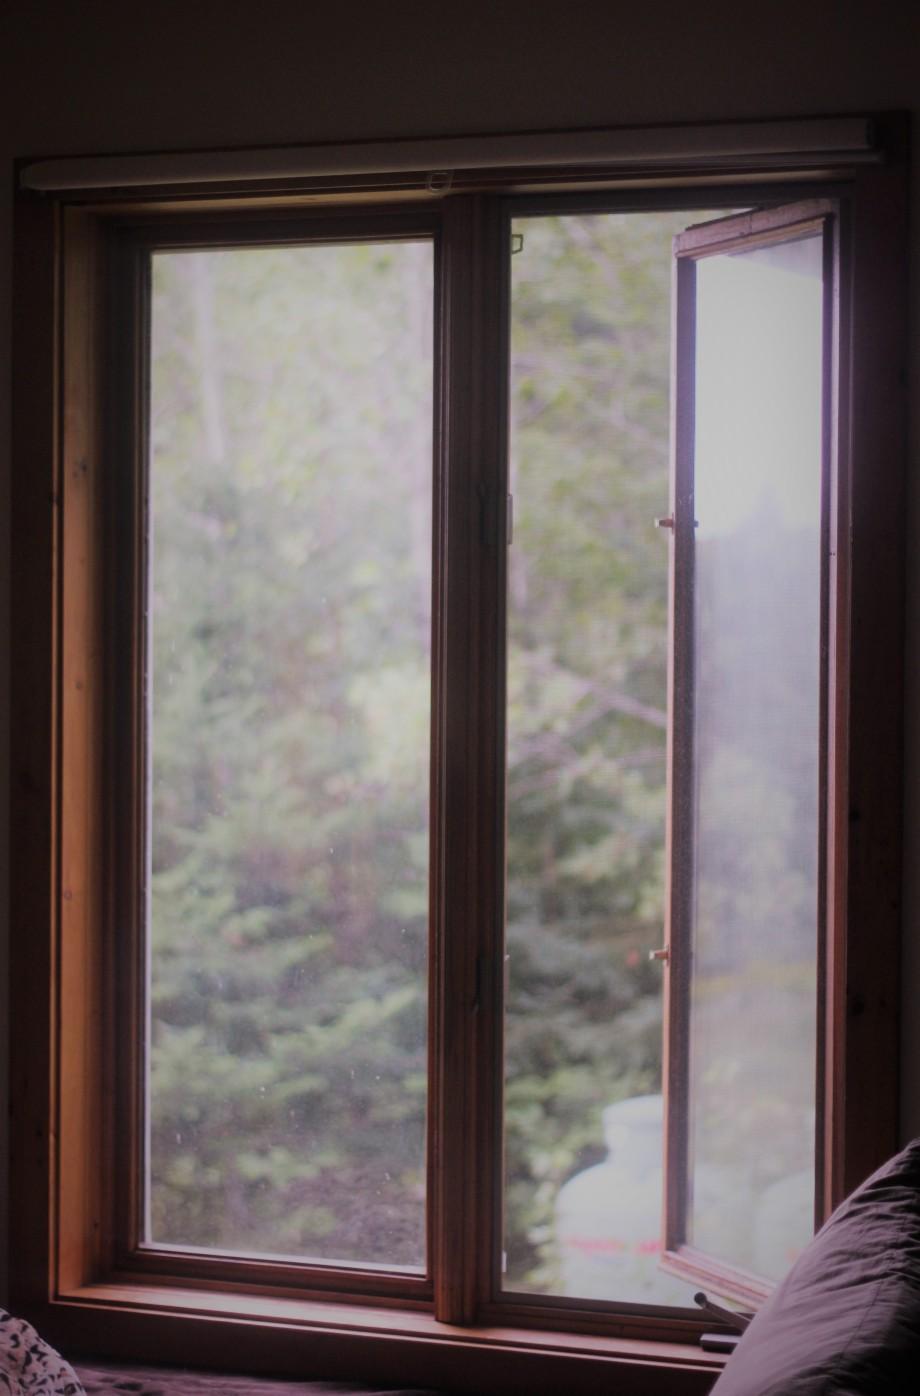 windowfarrellton